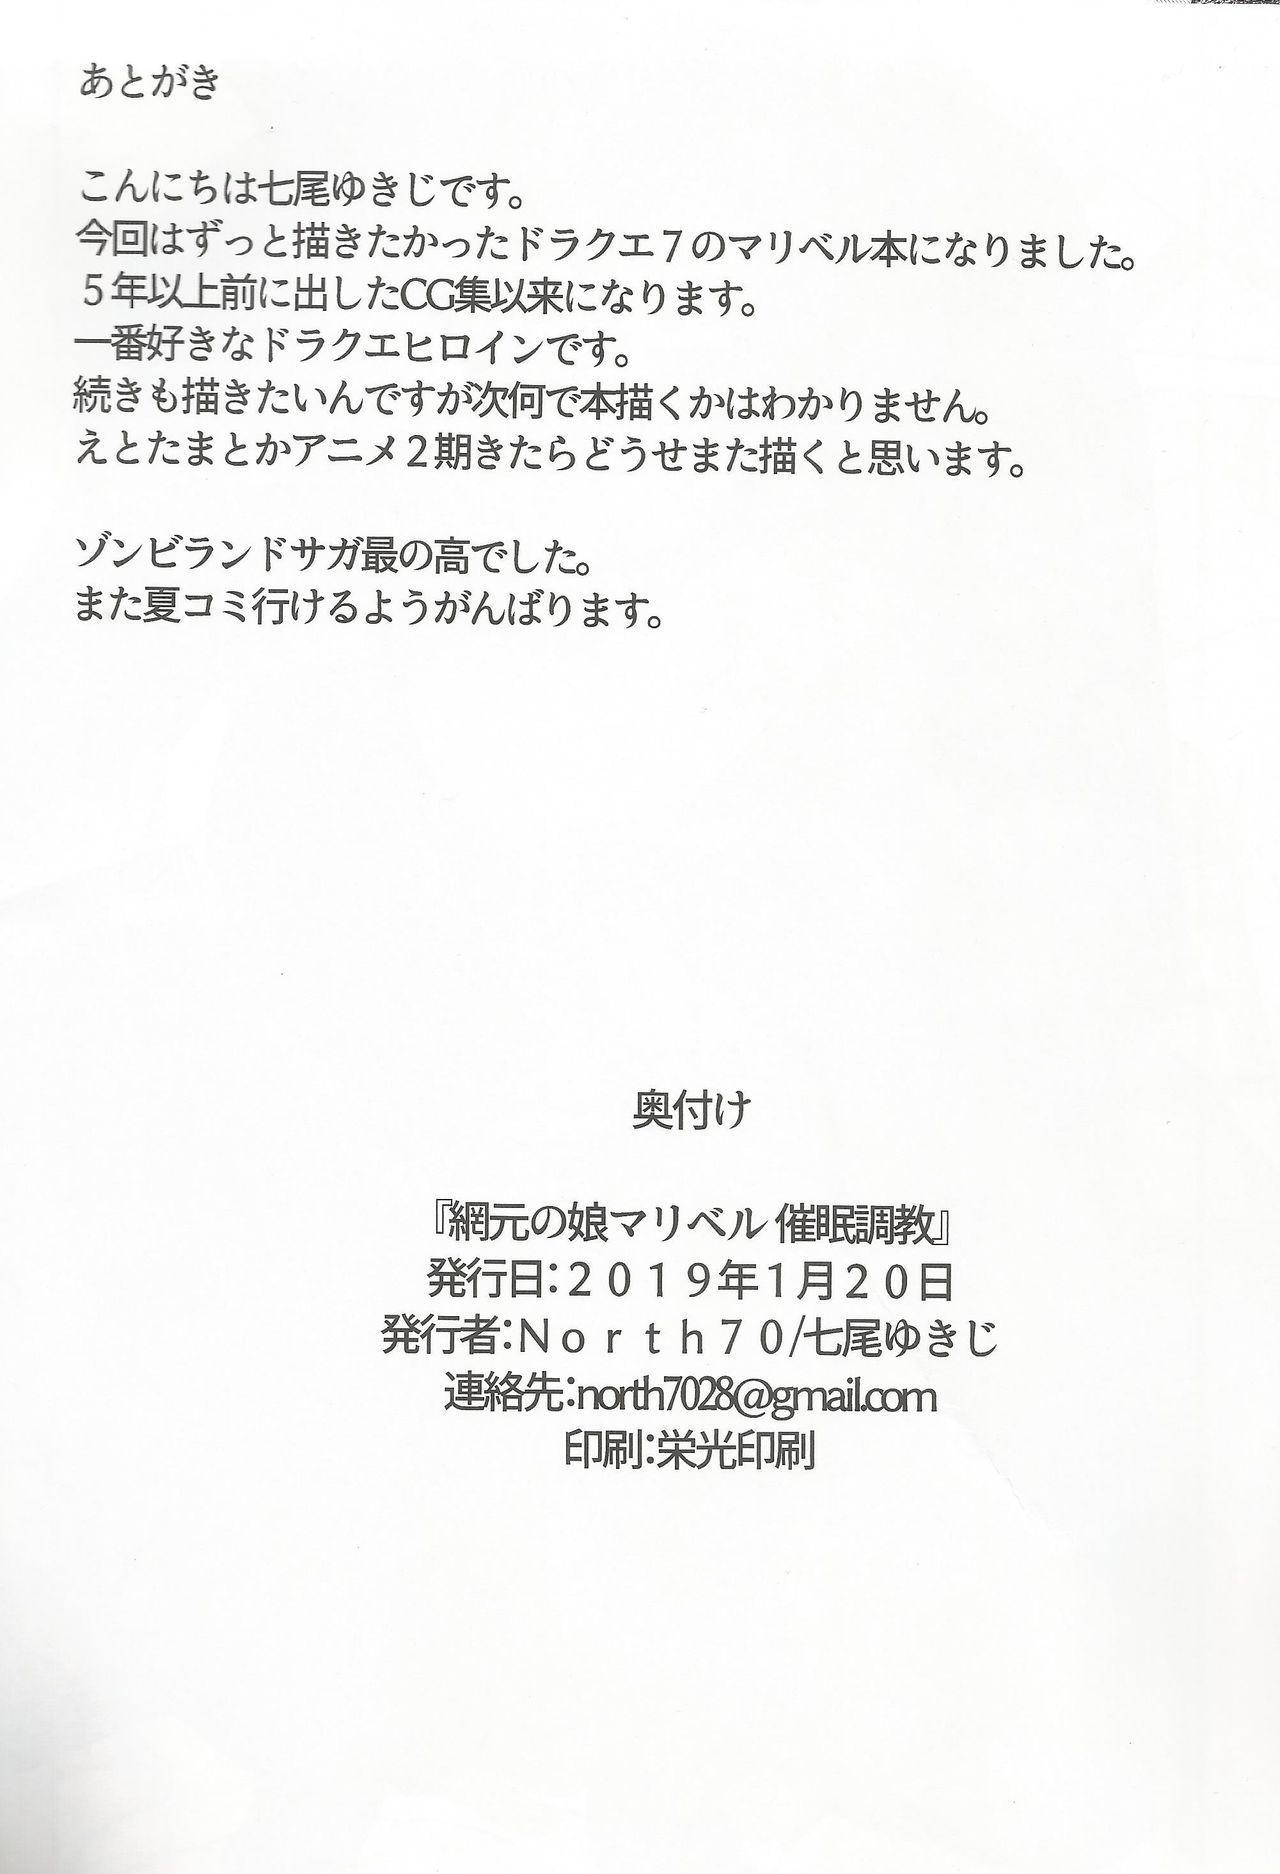 Amimoto no Musume Maribel Saimin Choukyou 21